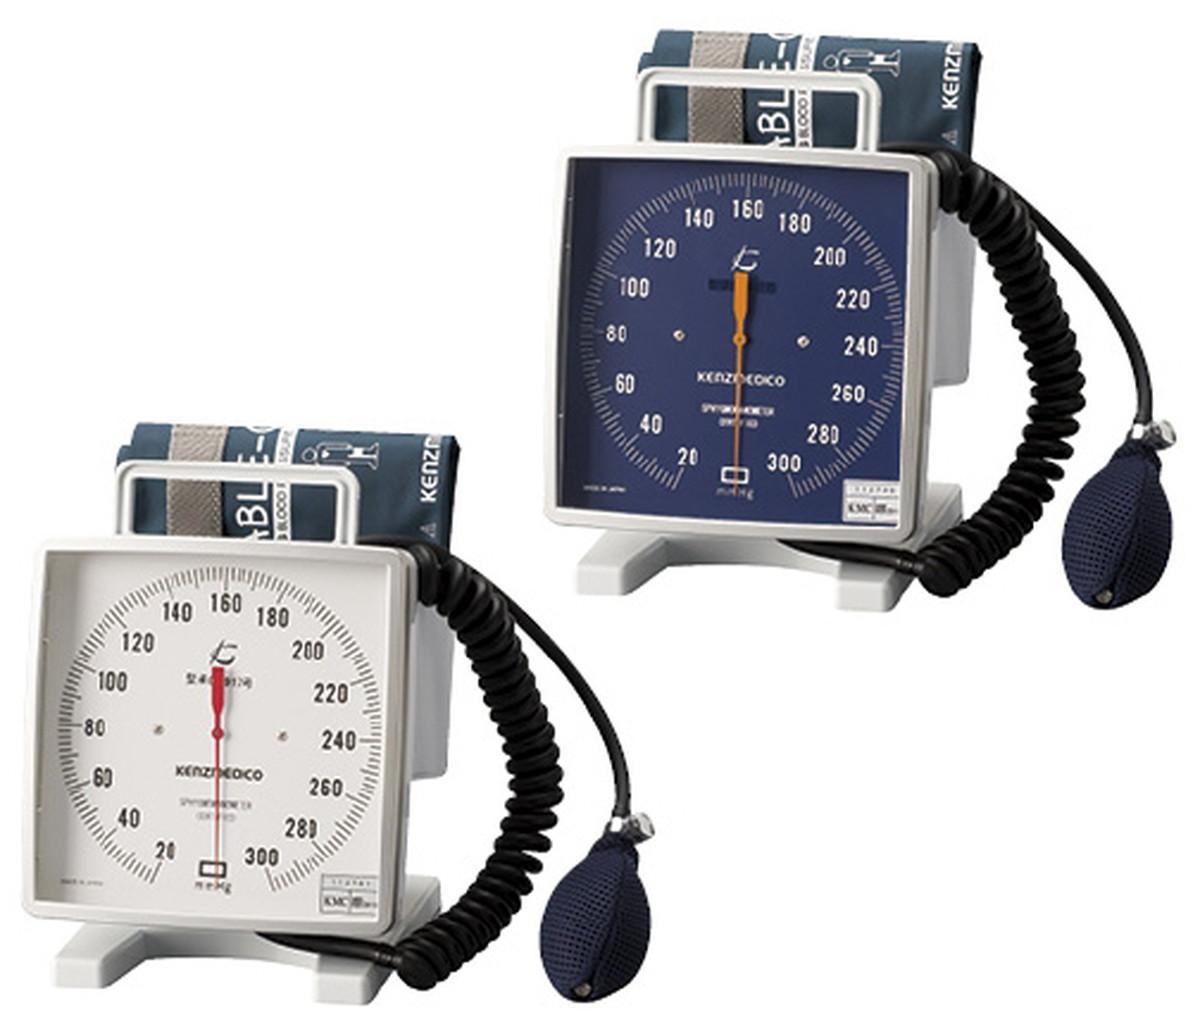 ★最大P24倍★ 1/9-1/16【送料無料】-大型アネロイド血圧計(卓上型)Wカフ NO.543(ブルー)Wカフ 品番 my24-3263-01-- 1入り-【MY医科器機】JAN 4560105682113